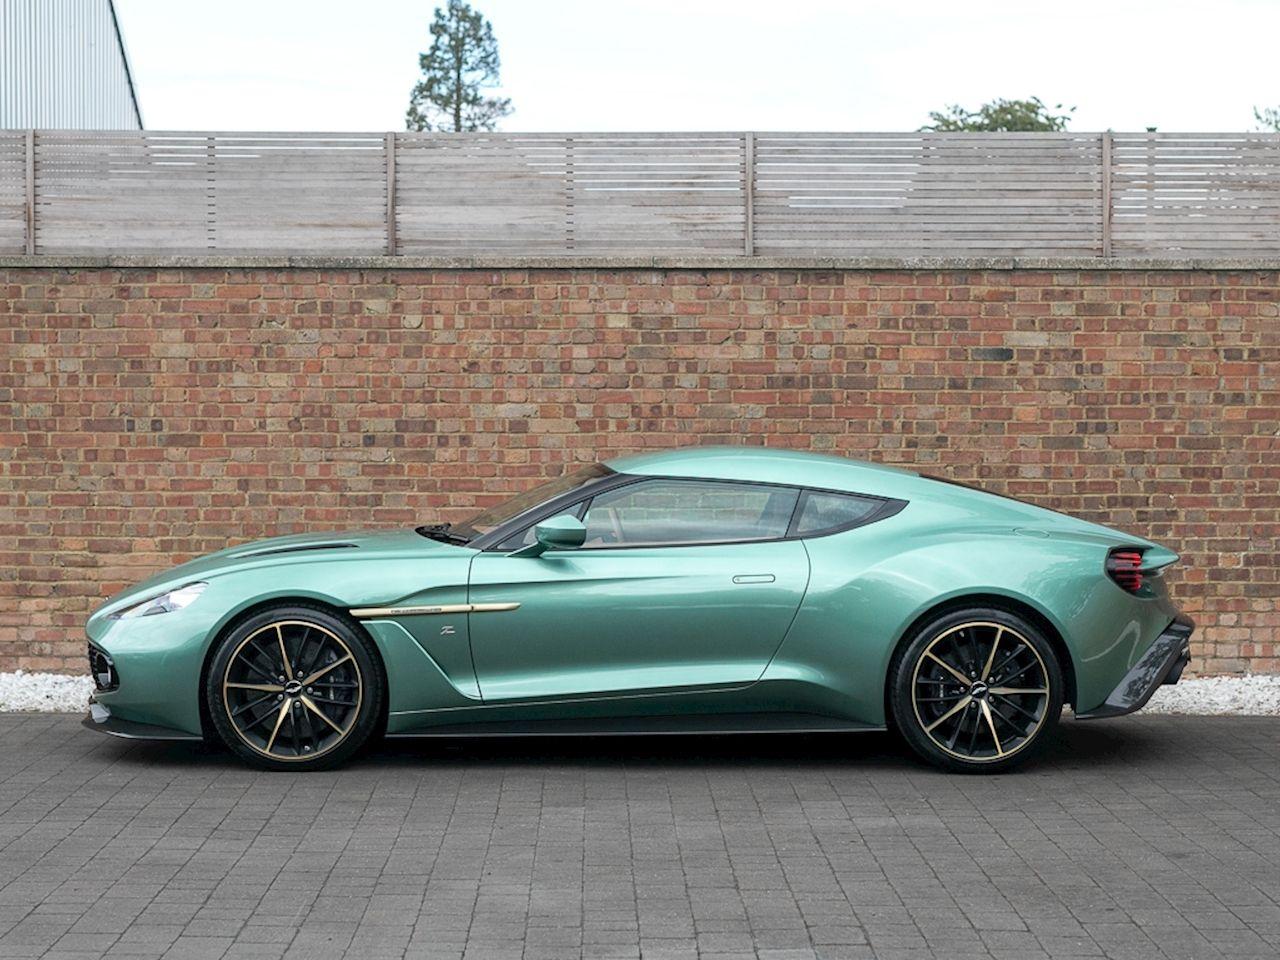 Aston Martin Vanquish Zagato Coupe In 2020 Aston Martin Vanquish Aston Martin Aston Martin For Sale